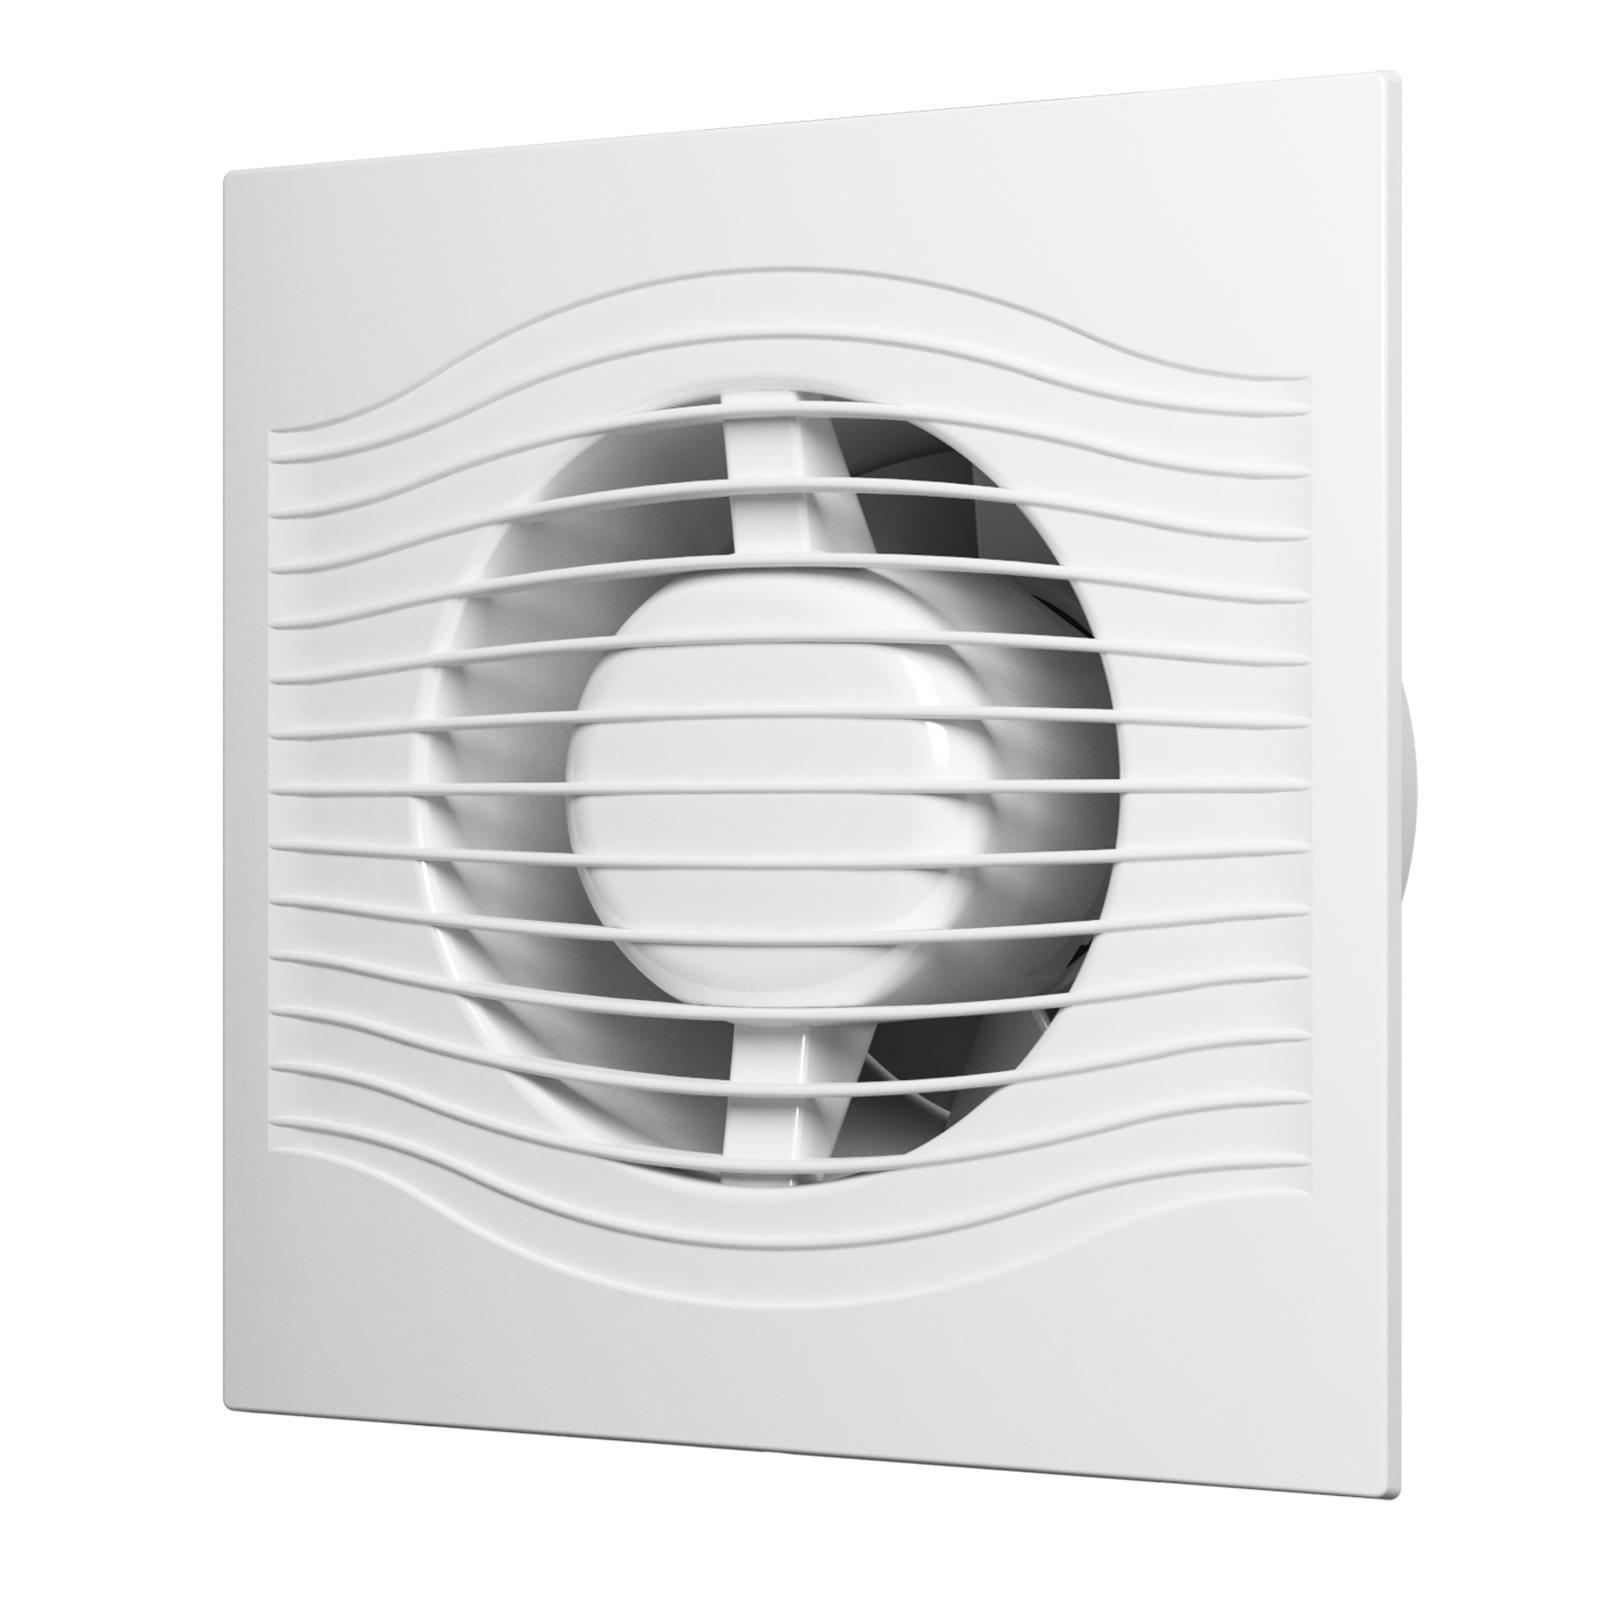 Вентилятор Diciti Slim 4c mr